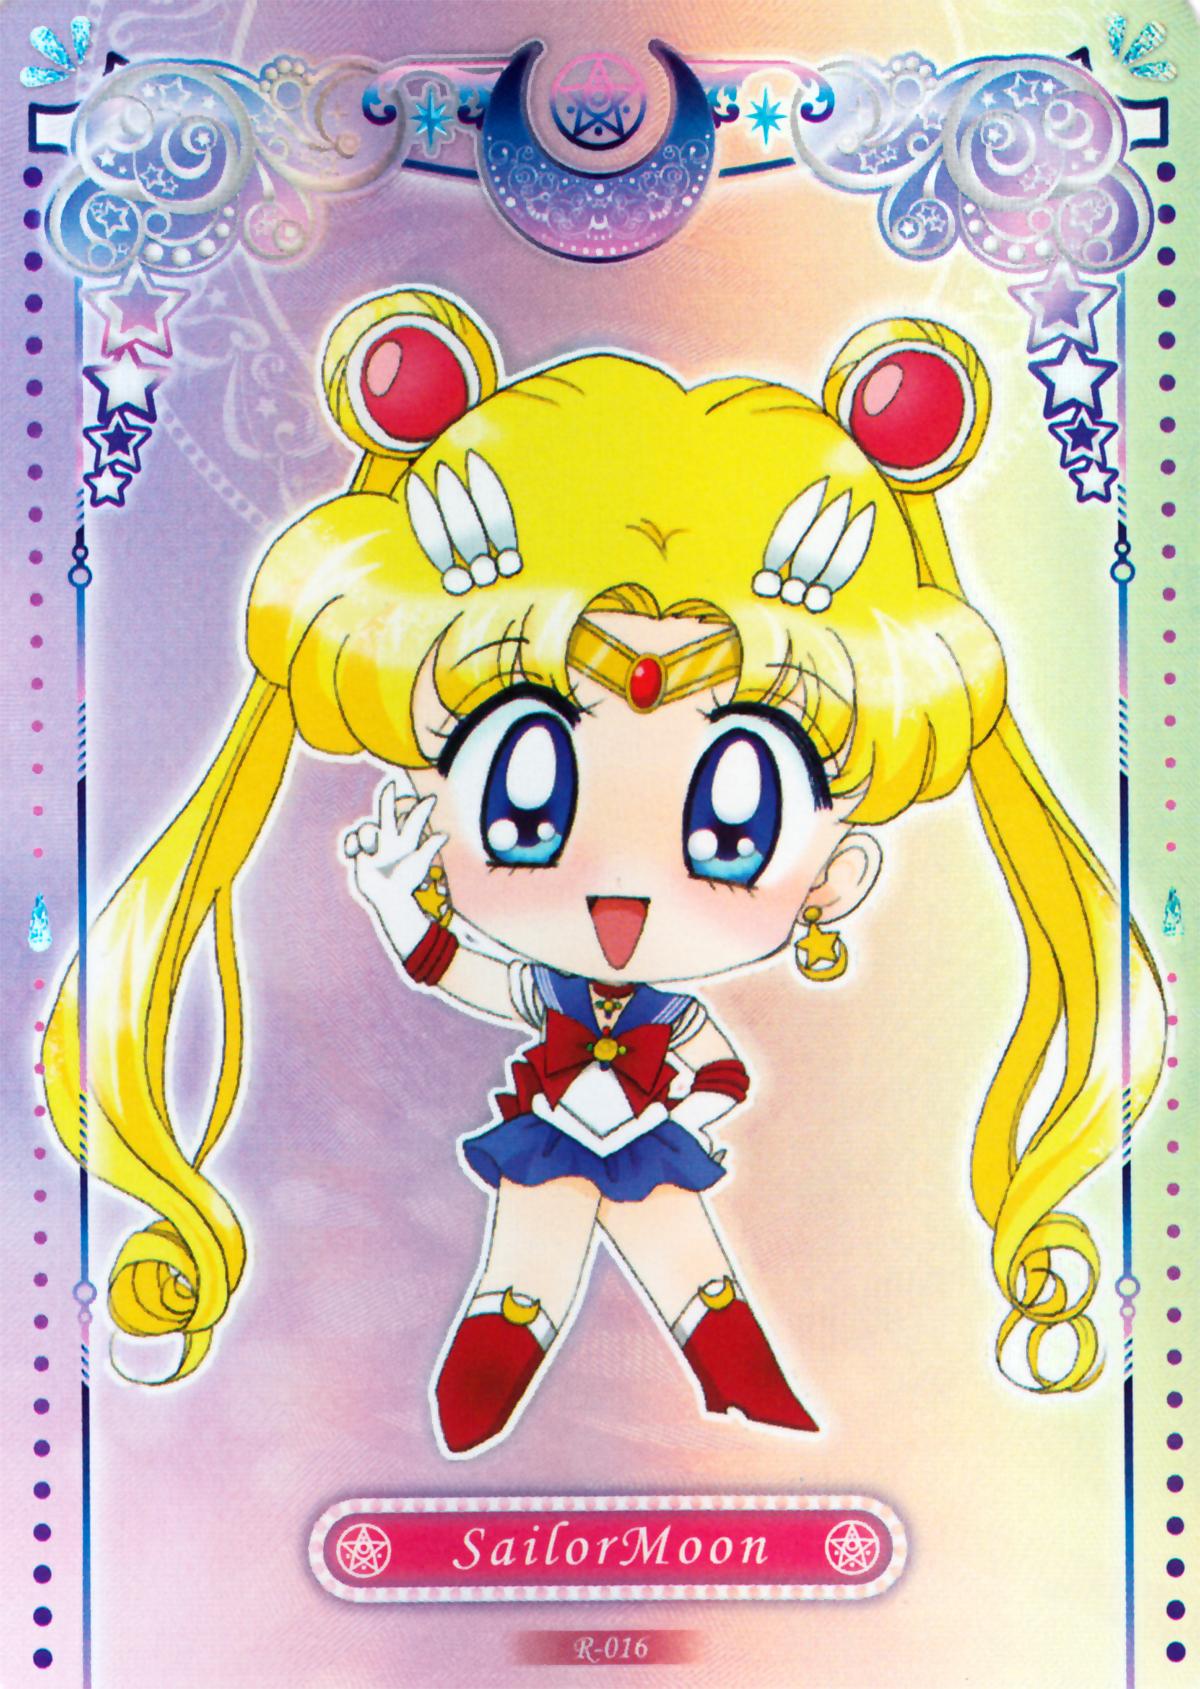 Sailormoon-crystal-taiwan-2017-56